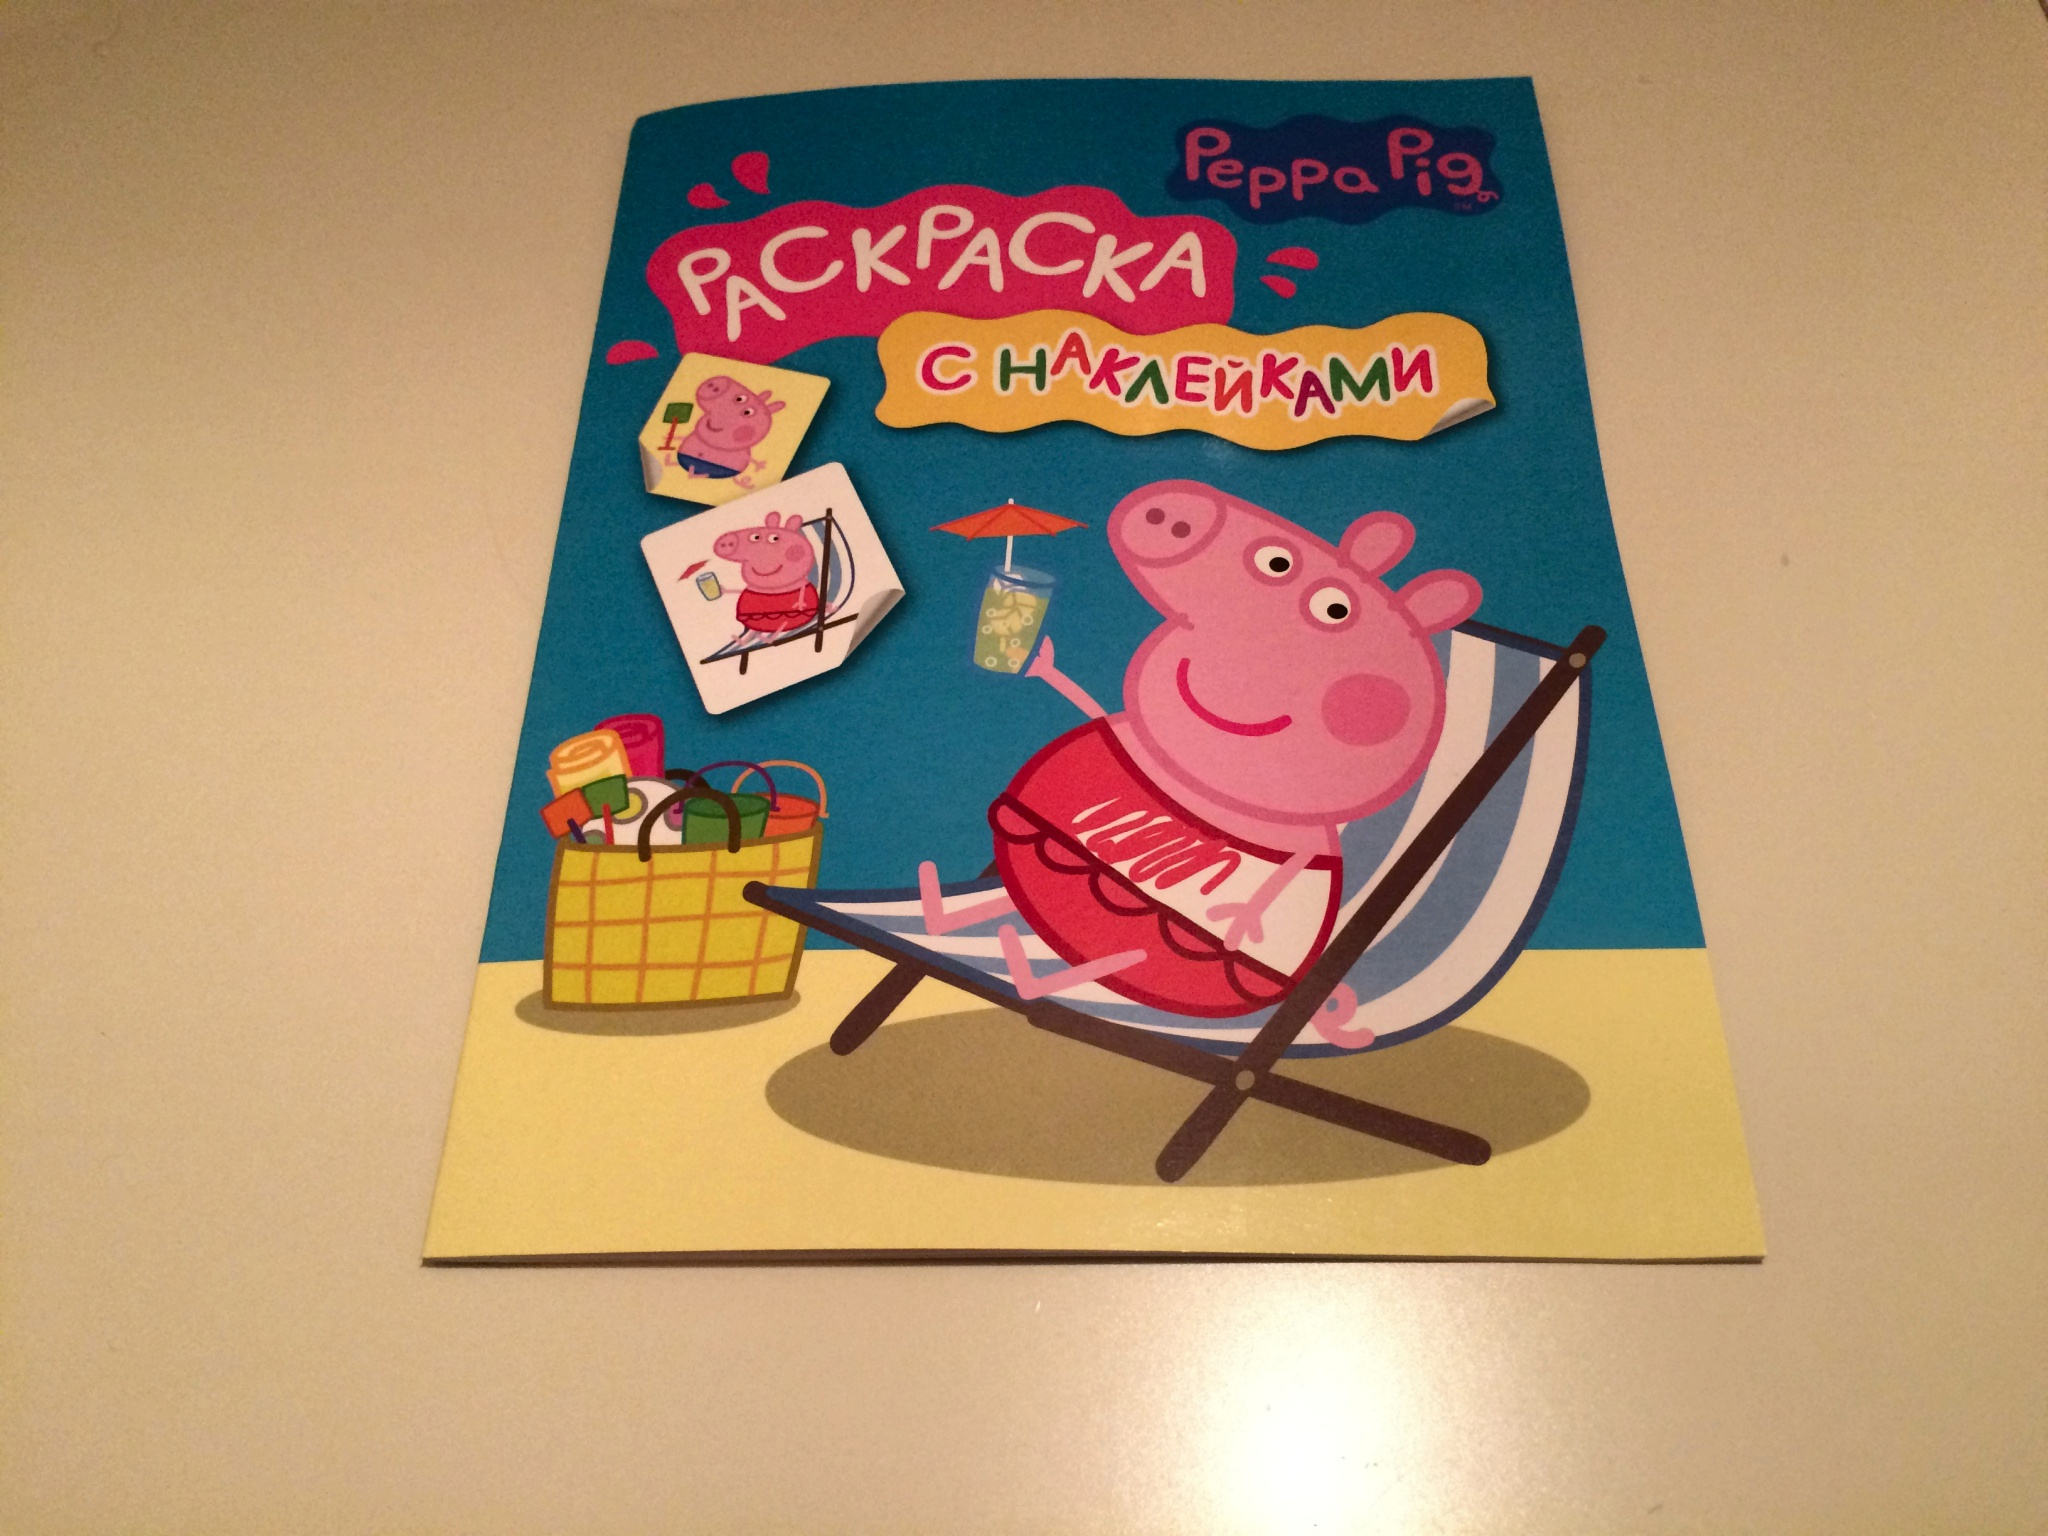 обзор от покупателя на набор свинка пеппа раскраска с